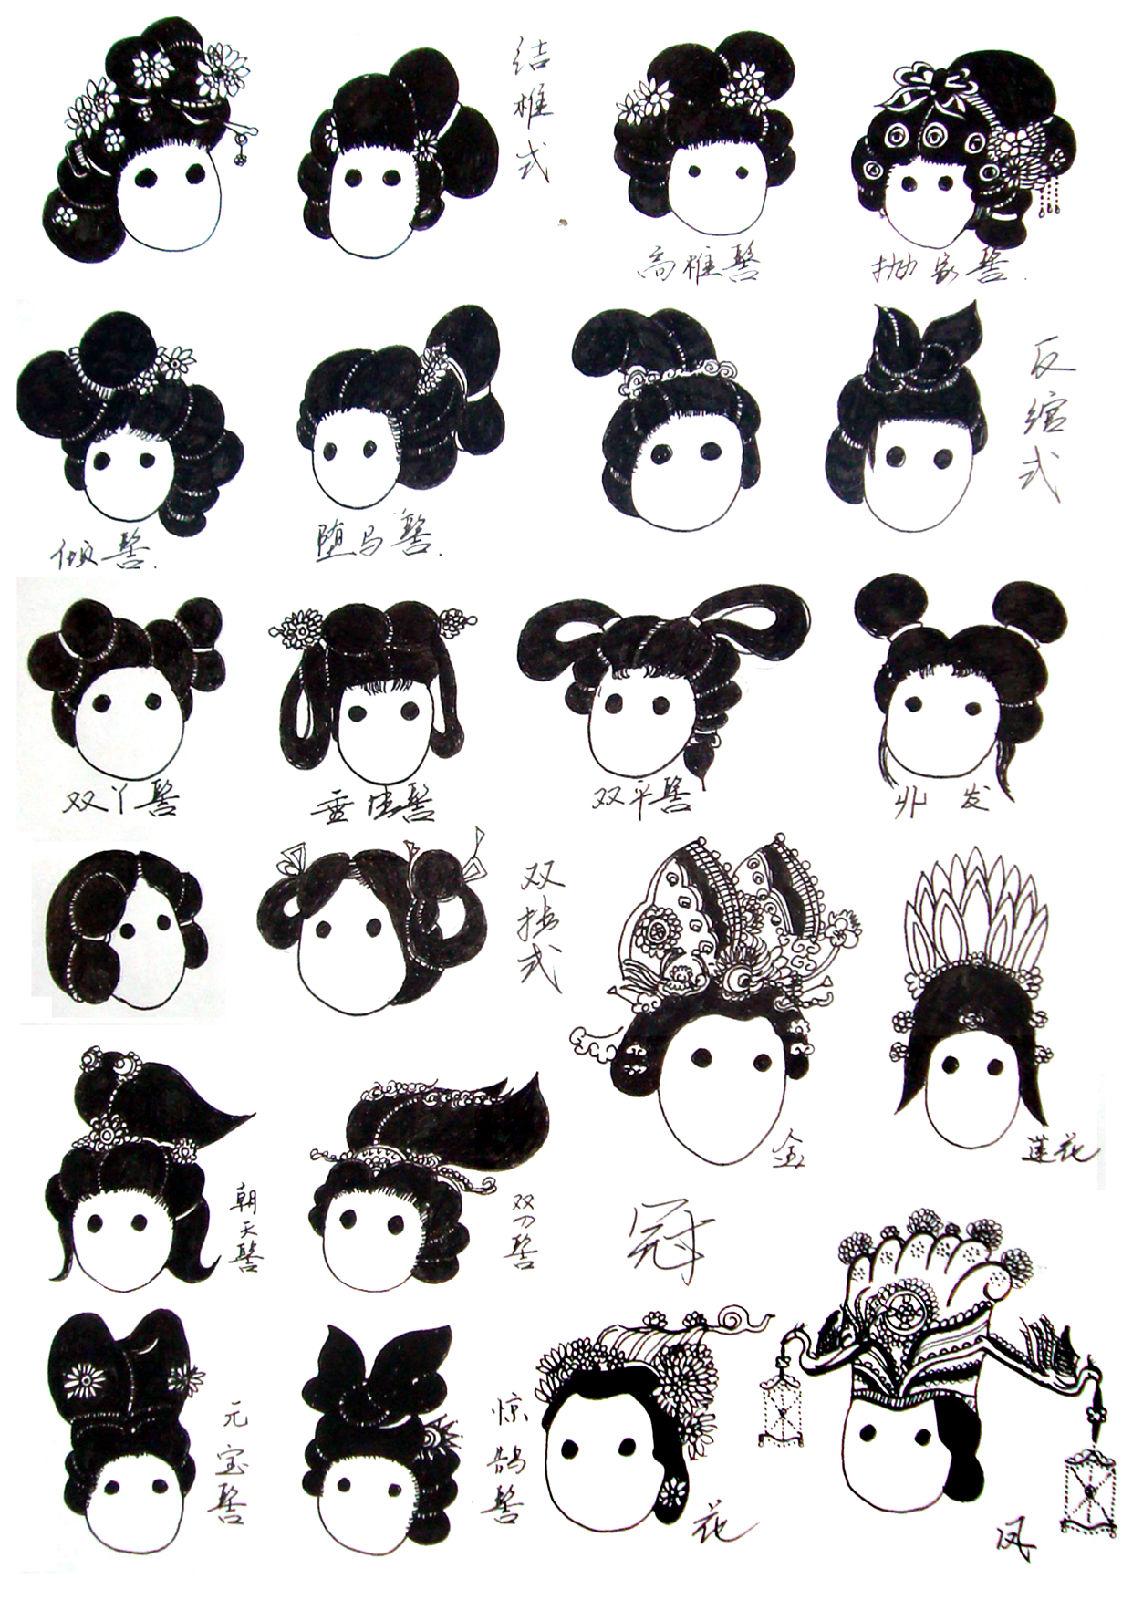 中国古代女子服饰 中国古代女子服饰图 古代女子服饰图片 21